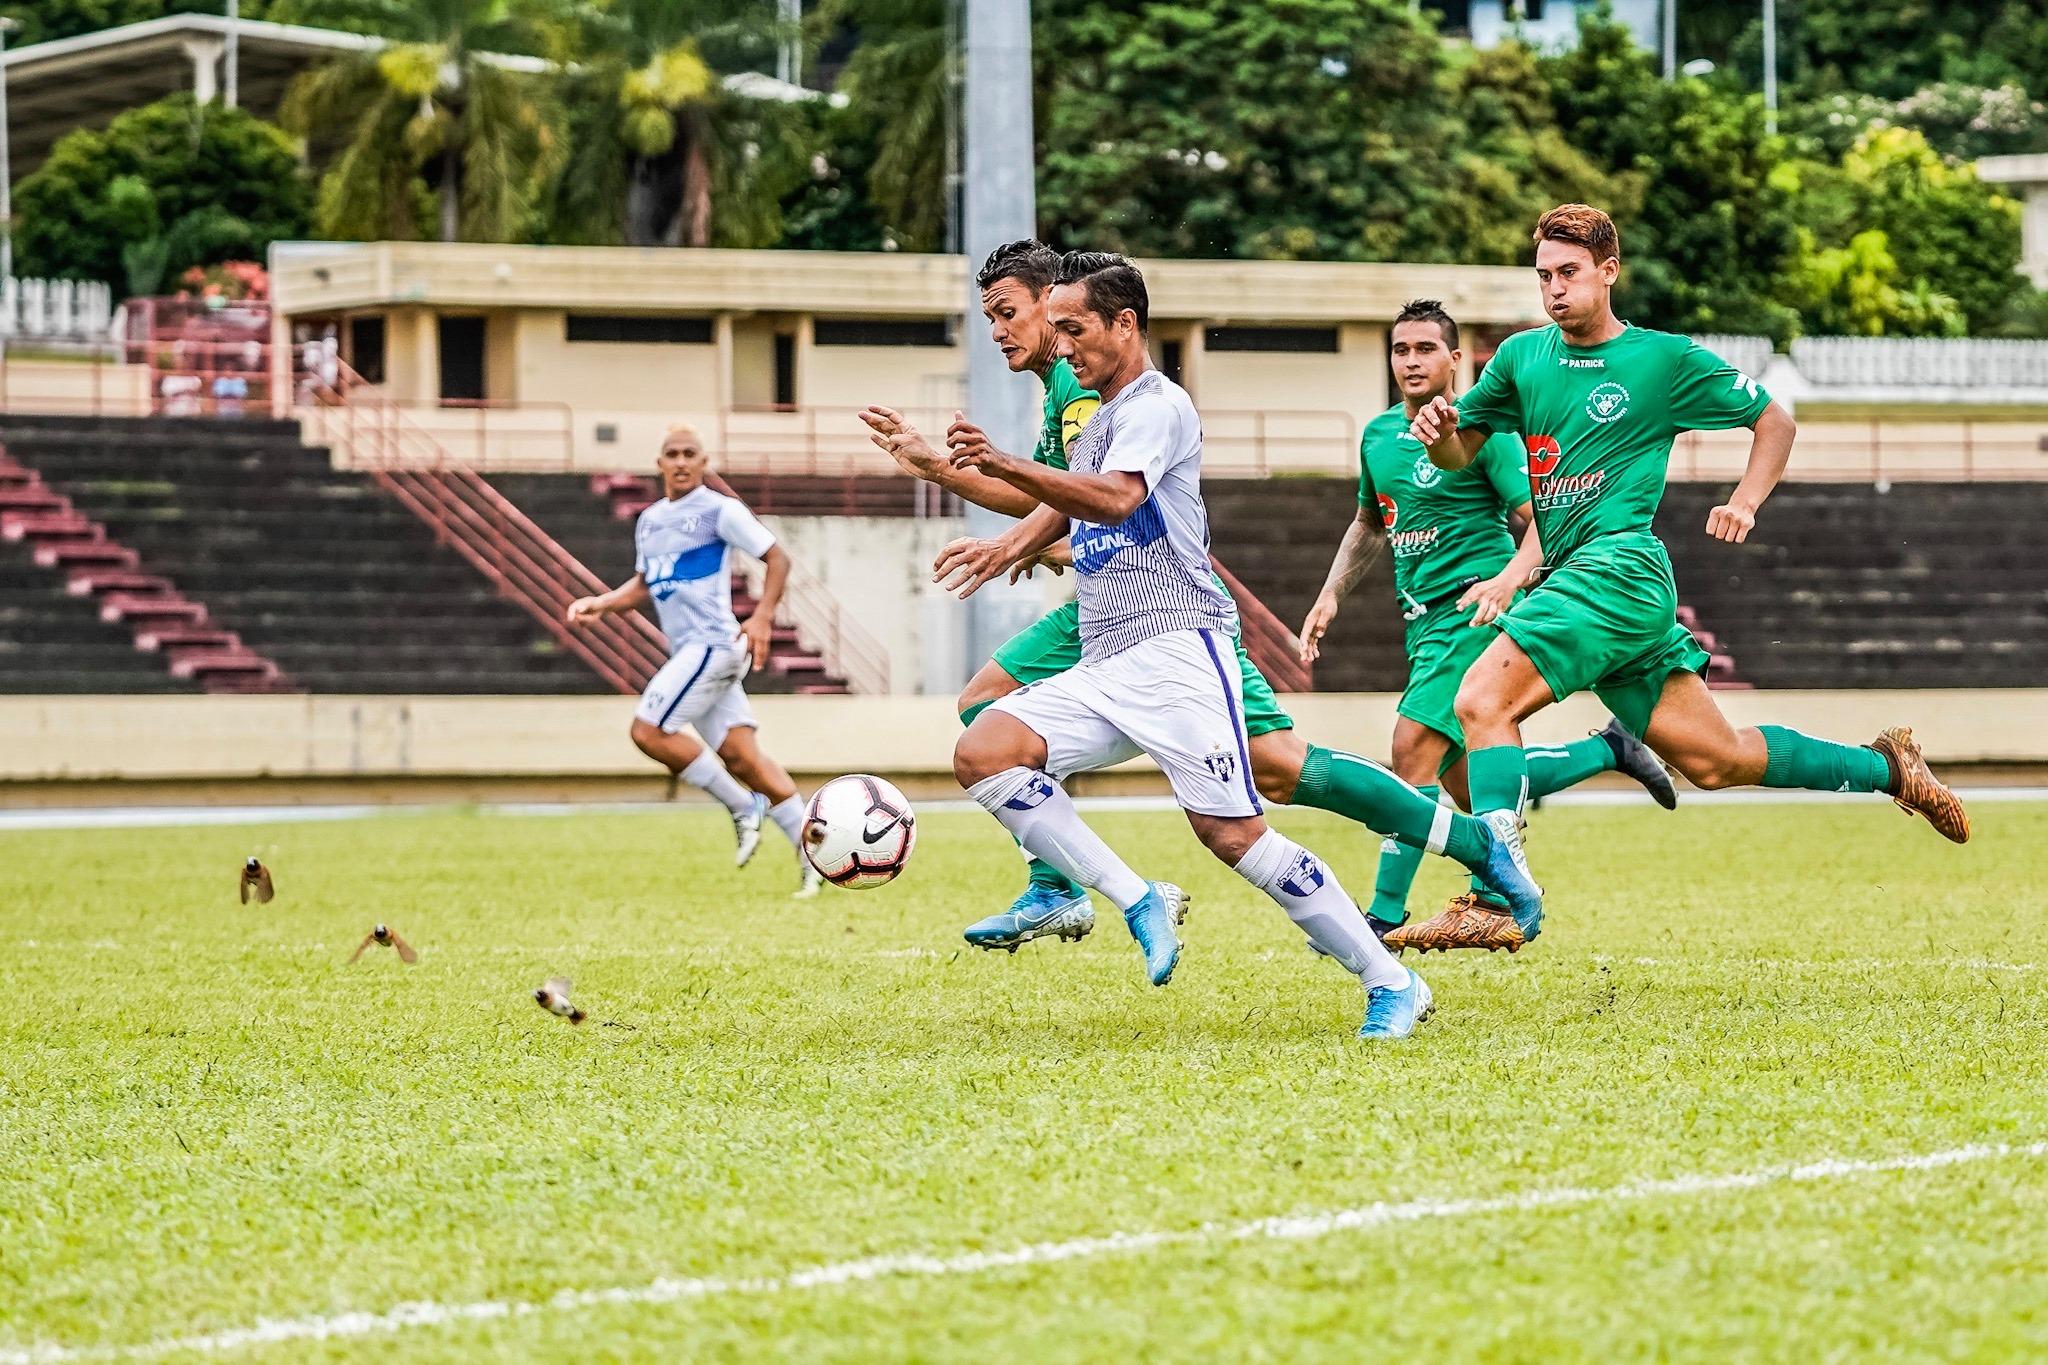 L'AS Tiare Tahiti et l'AS Vénus, qui seront privés de certaines de leurs cadres cette saison, tenteront une nouvelle fois de se mêler à la lutte pour le titre. (photo : FTF)